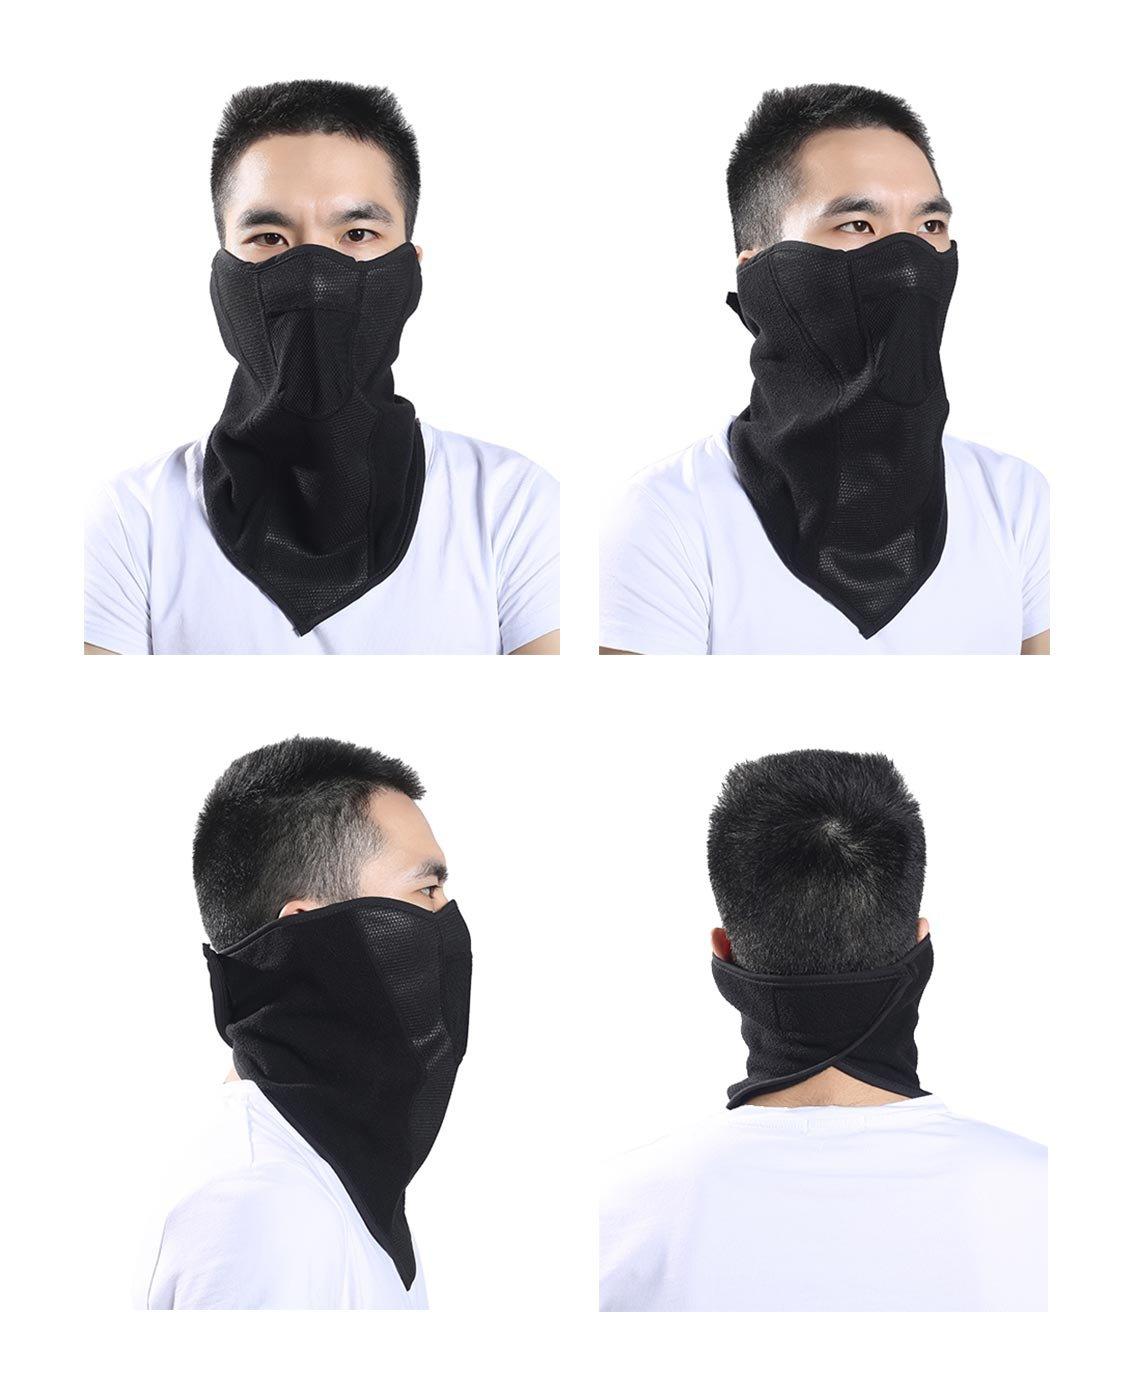 5a082a1047b Tour de Cou Masque pour Motards Cycliste Unisexe Hiver Protection Nez  Bouches Oreilles Cou Chaud Respirant Réversible Taille Réglable Masque en  Polaire ...